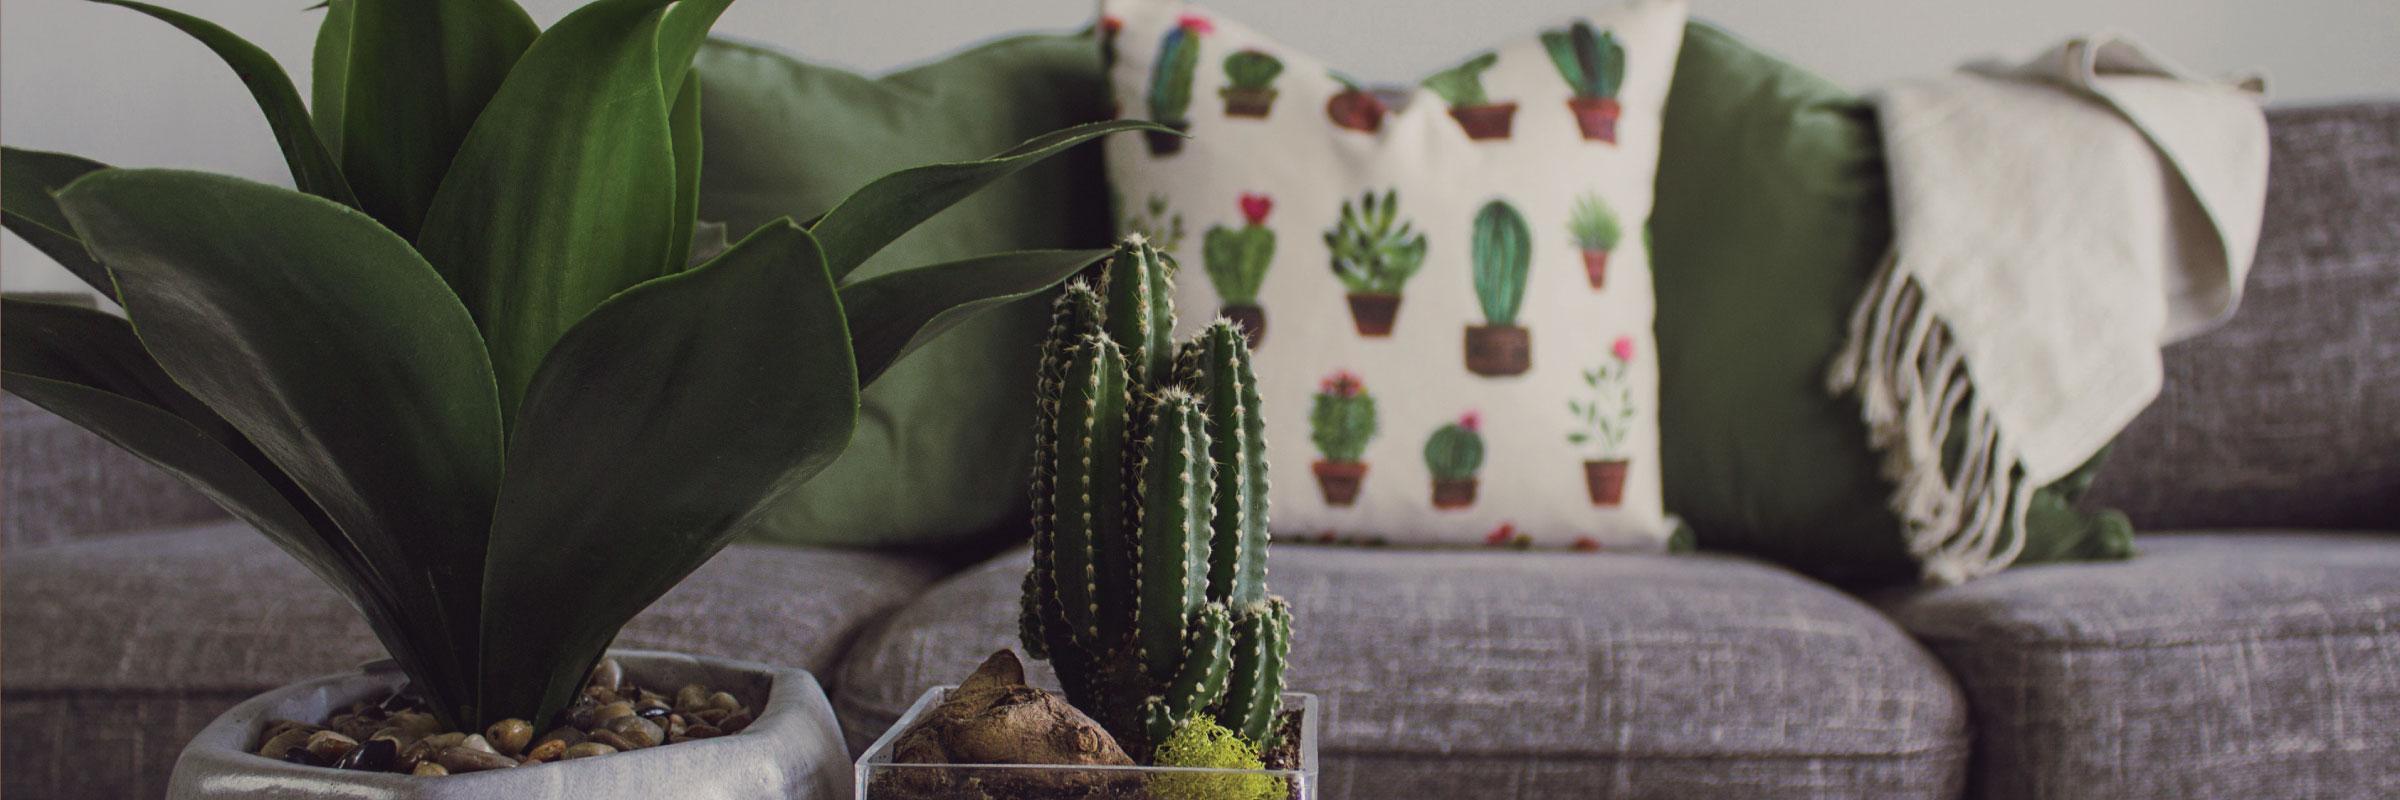 cactus-slider